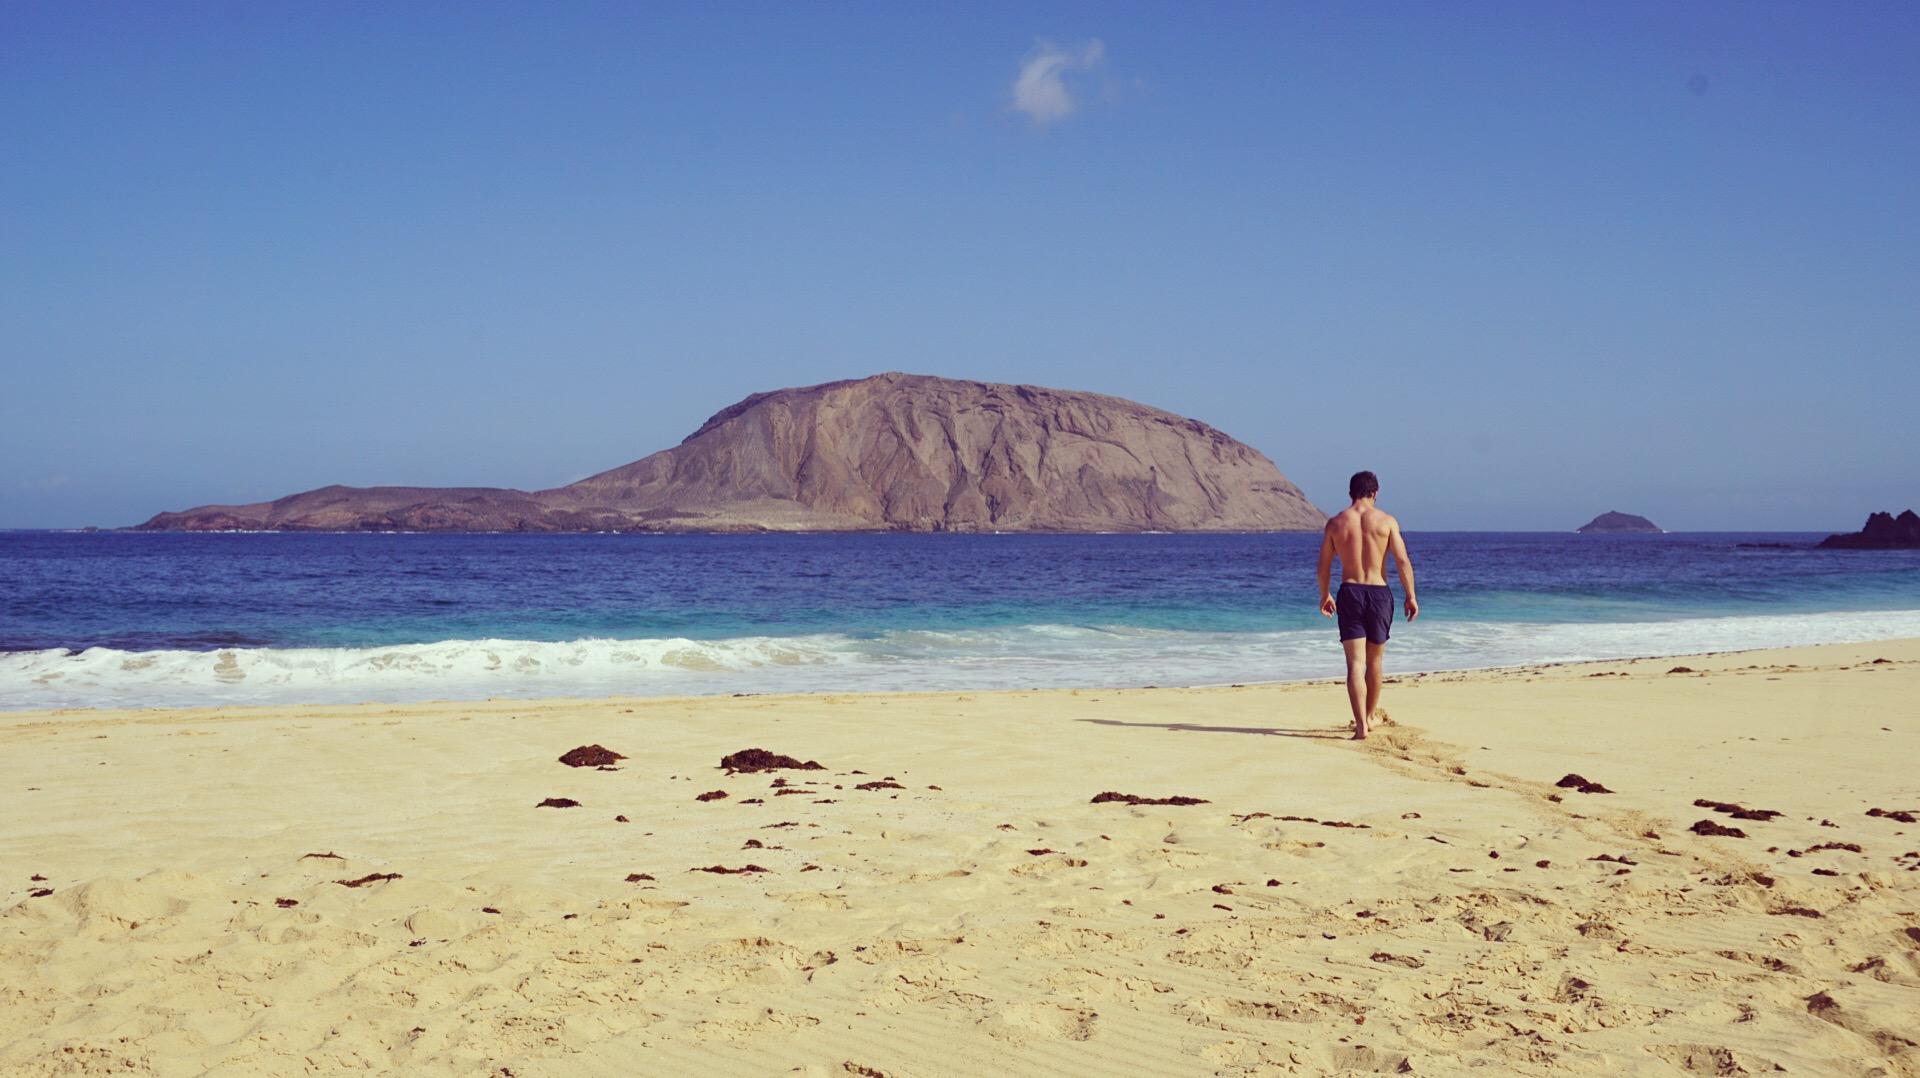 Canary Islands Beaches - Playa de las Conchas